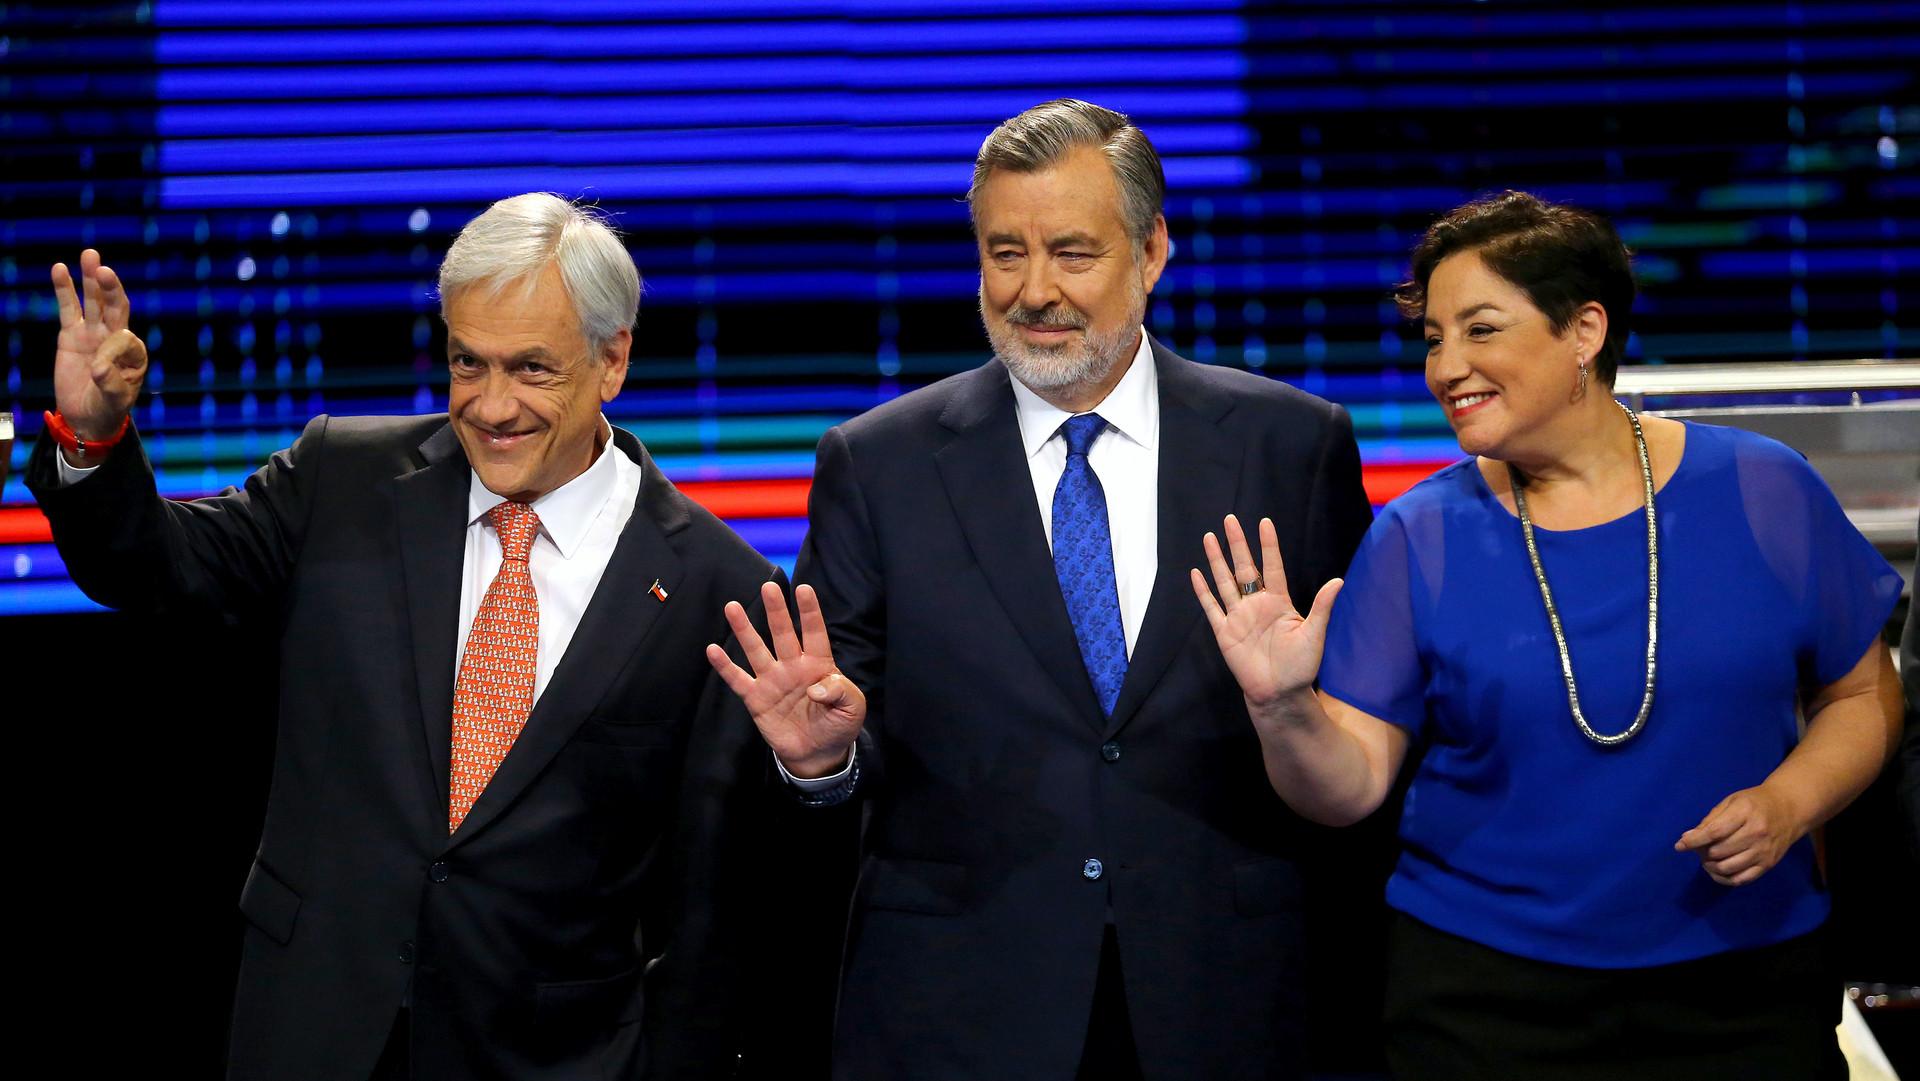 Candidatos y propuestas: ¿qué hay que saber sobre las elecciones presidenciales de Chile?